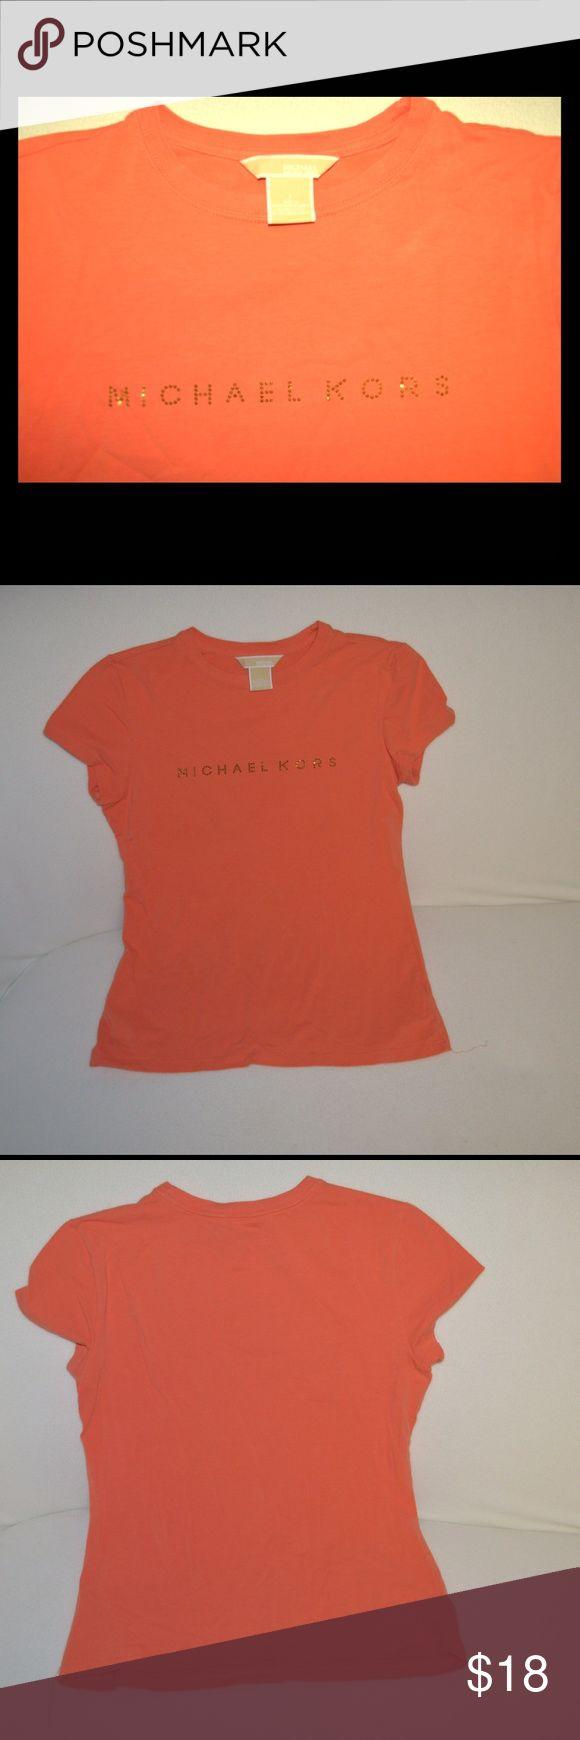 Michael Kors orange tshirt Michael Kors orange tshirt. Always too short for me. Maybe wore once. Michael Kors Tops Tees - Short Sleeve